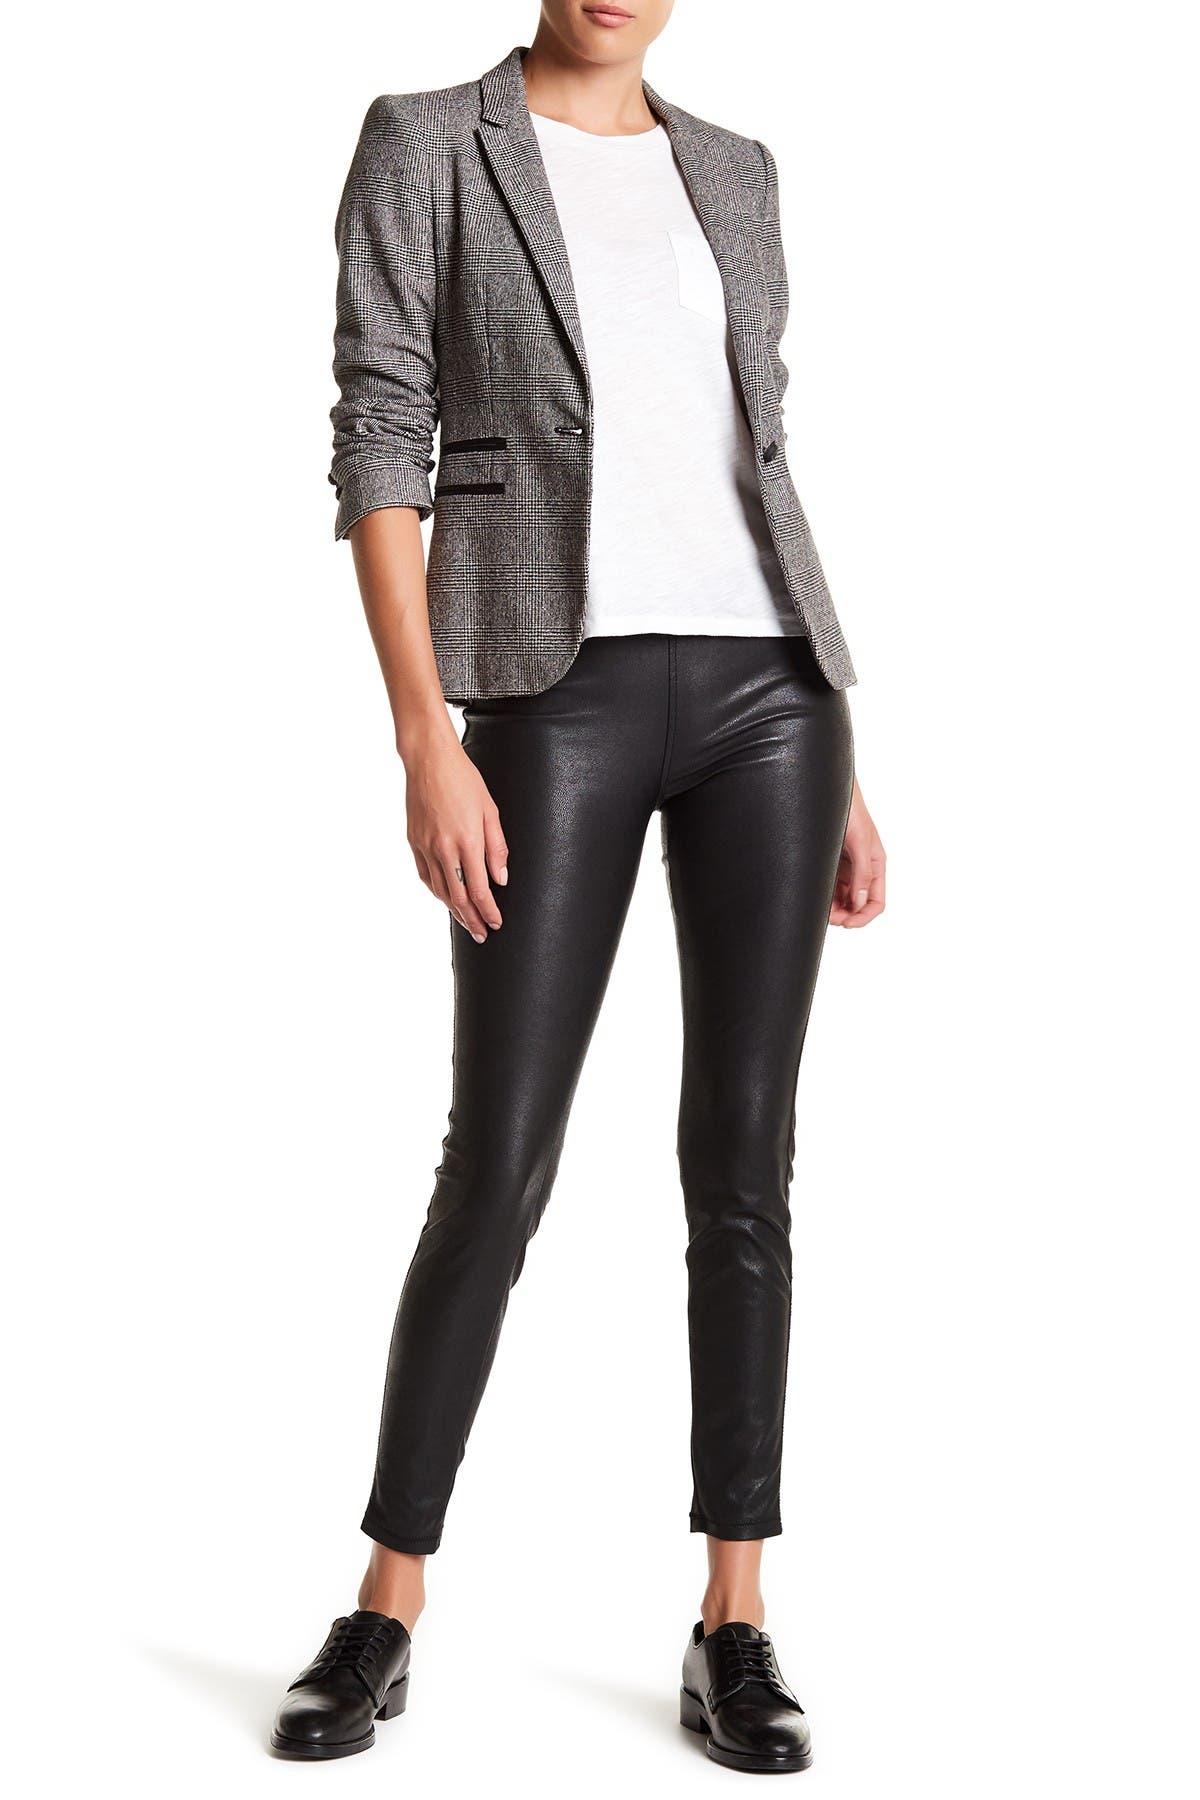 Image of BLANKNYC Denim Faux Leather Pull-On Leggings